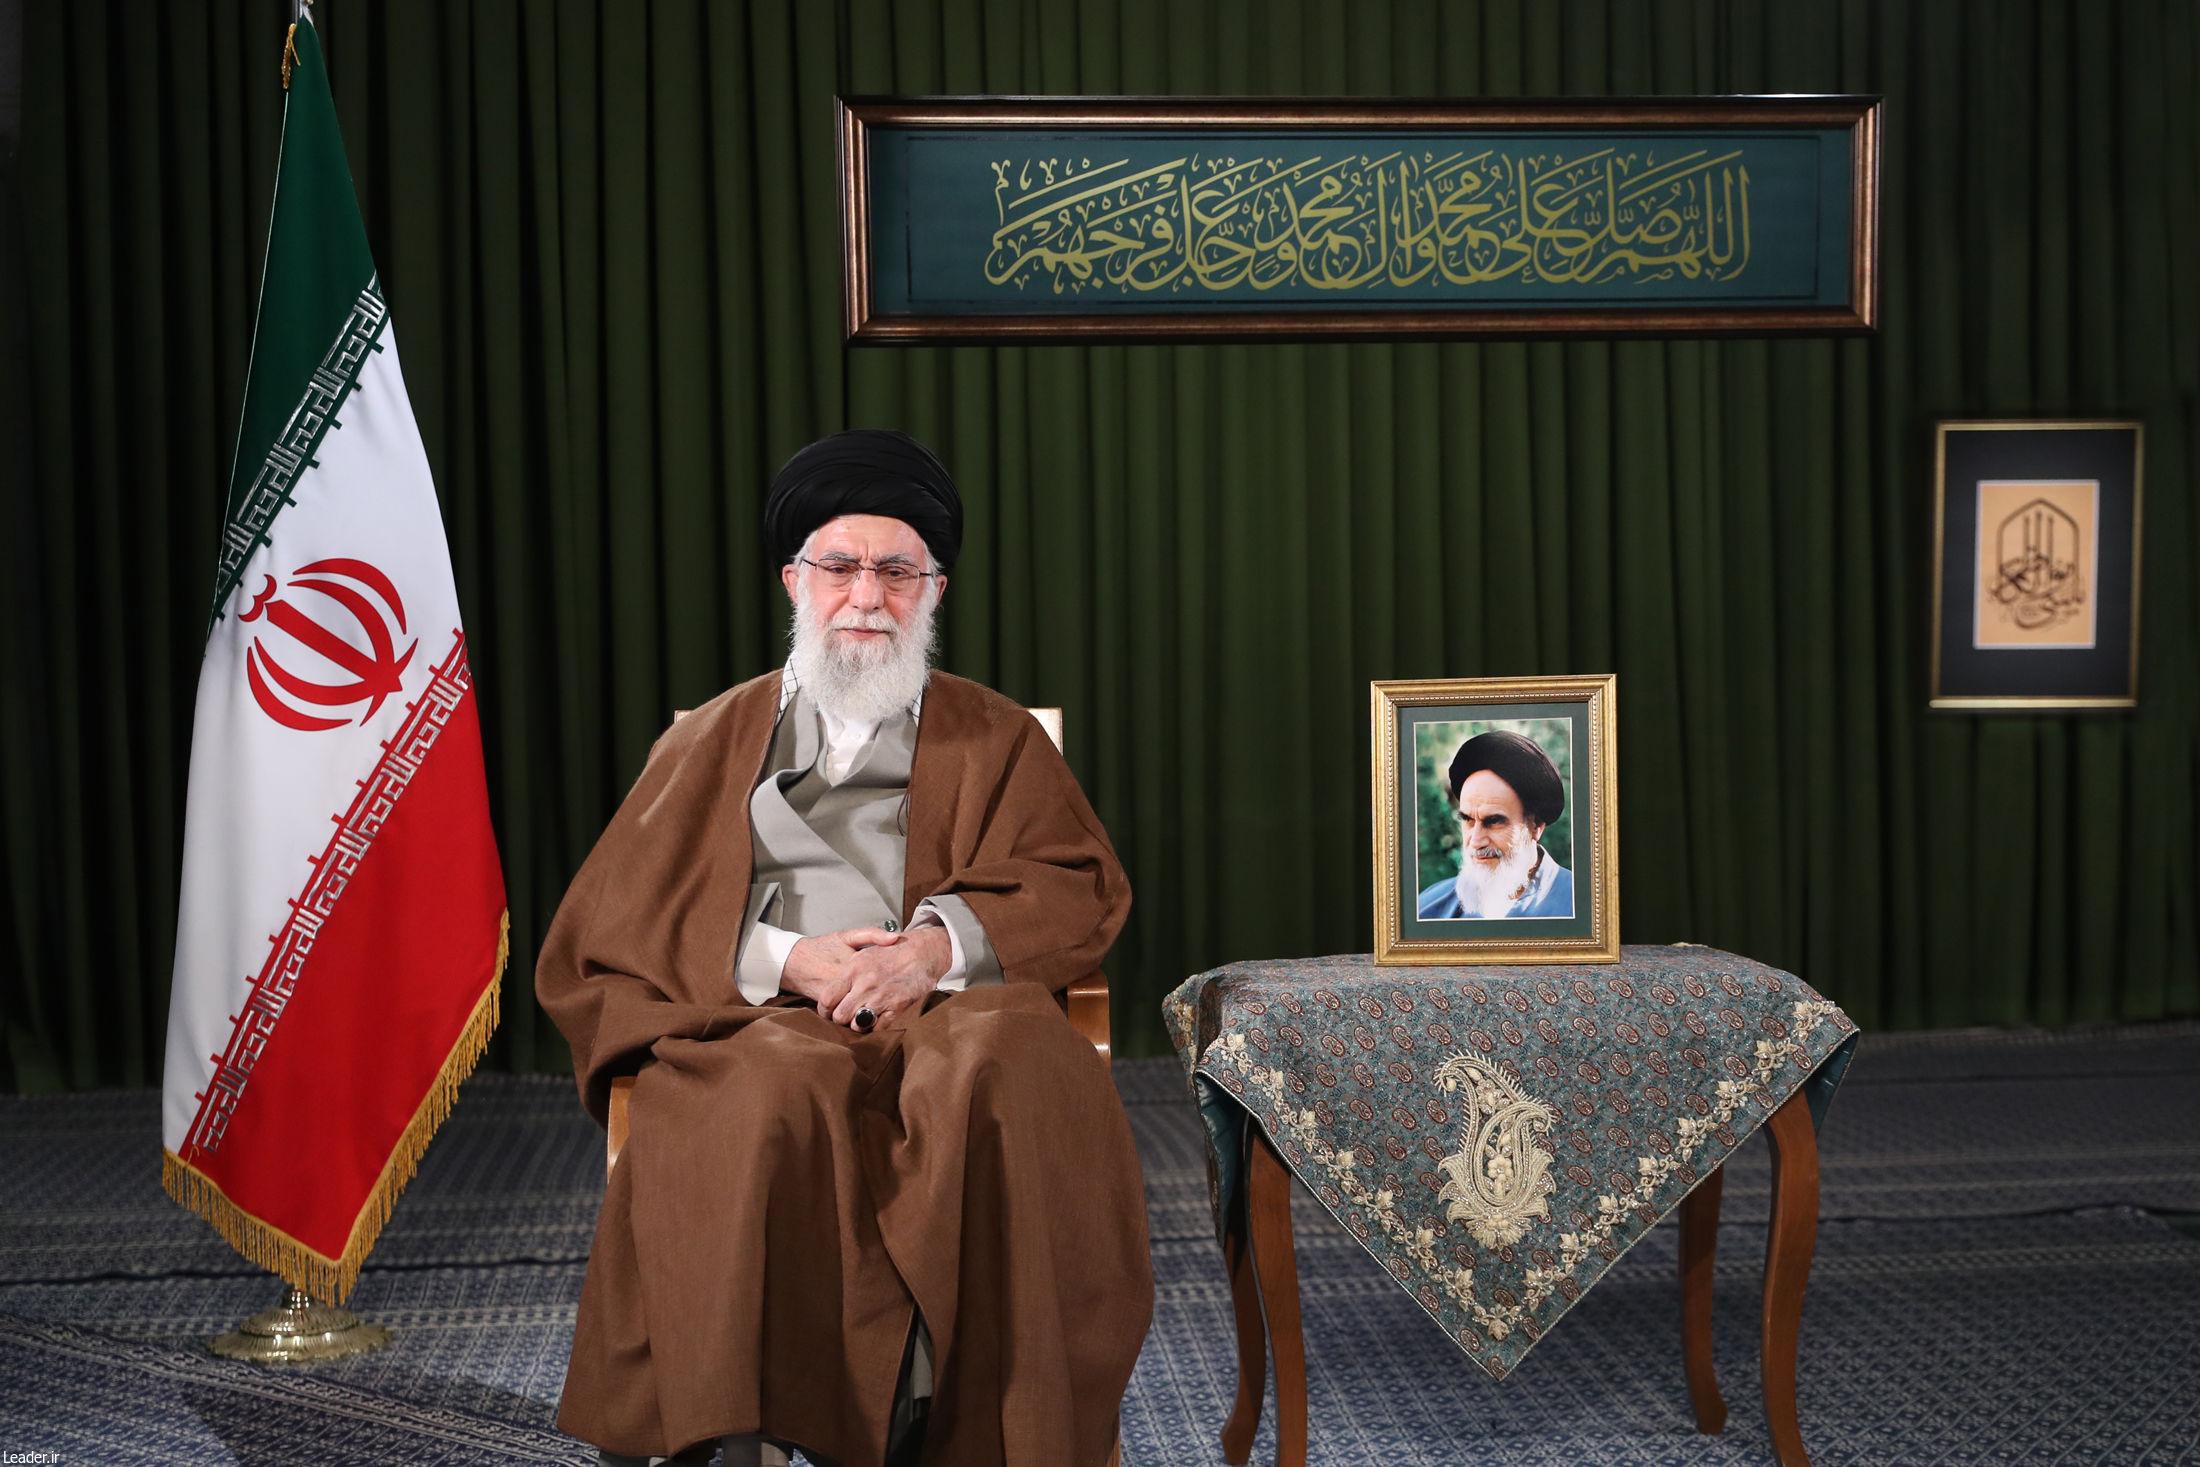 شعار سال ۹۹ اعلام شد+ متن بیانات رهبر انقلاب